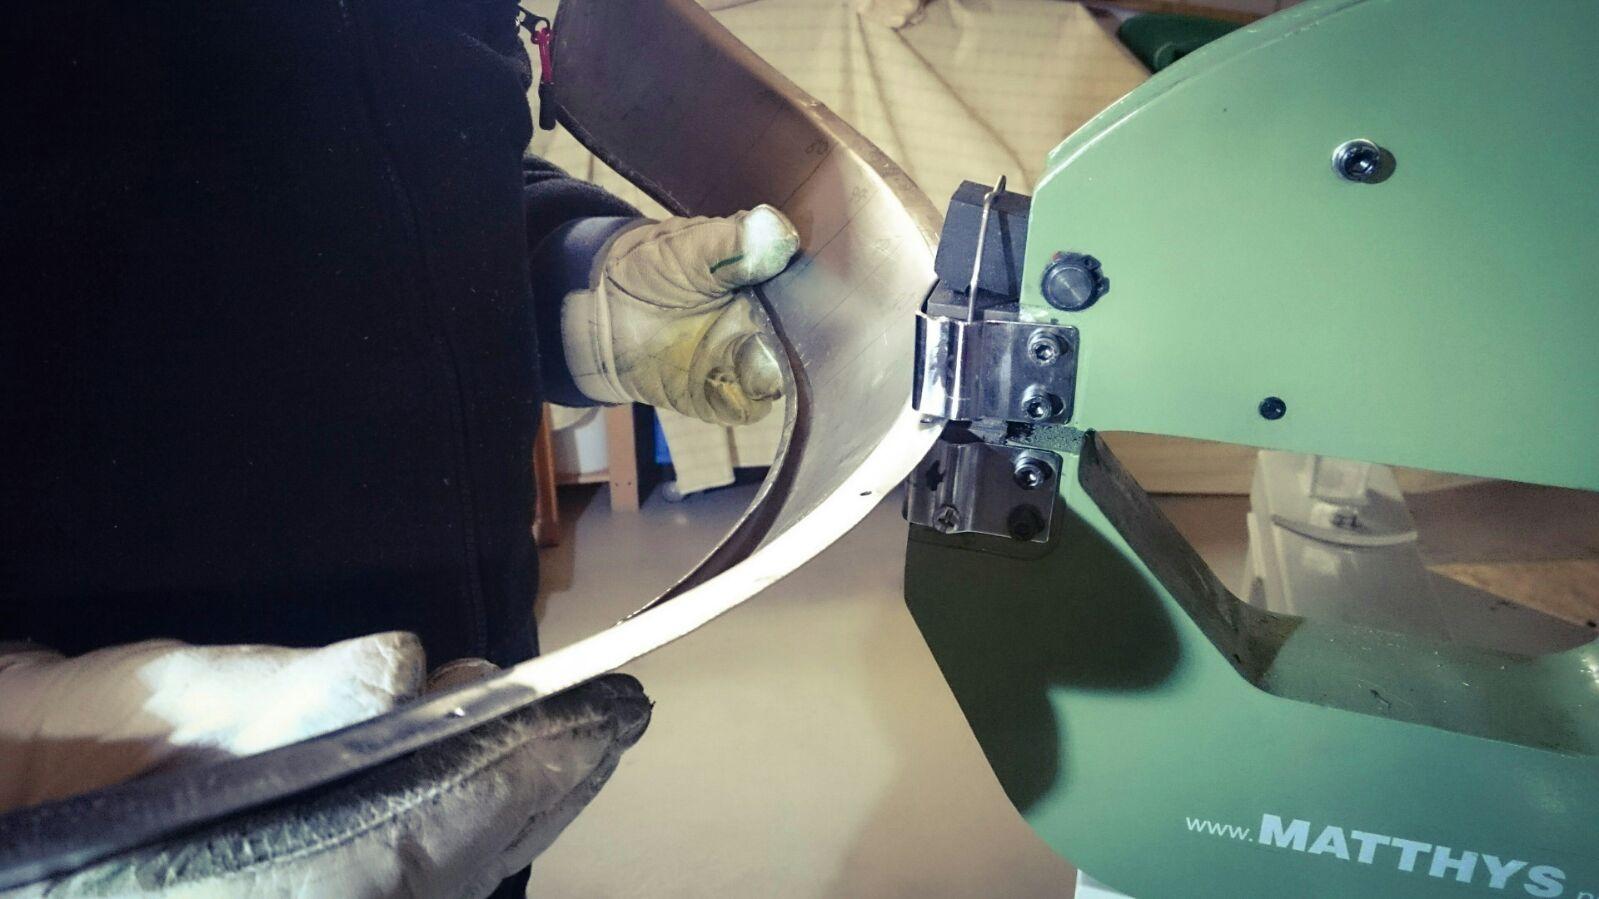 Um erst gar keine Falten aufkommen zulassen und das Blech in Form zu bringen, war uns der Strecker/Staucher eine große Hilfe.